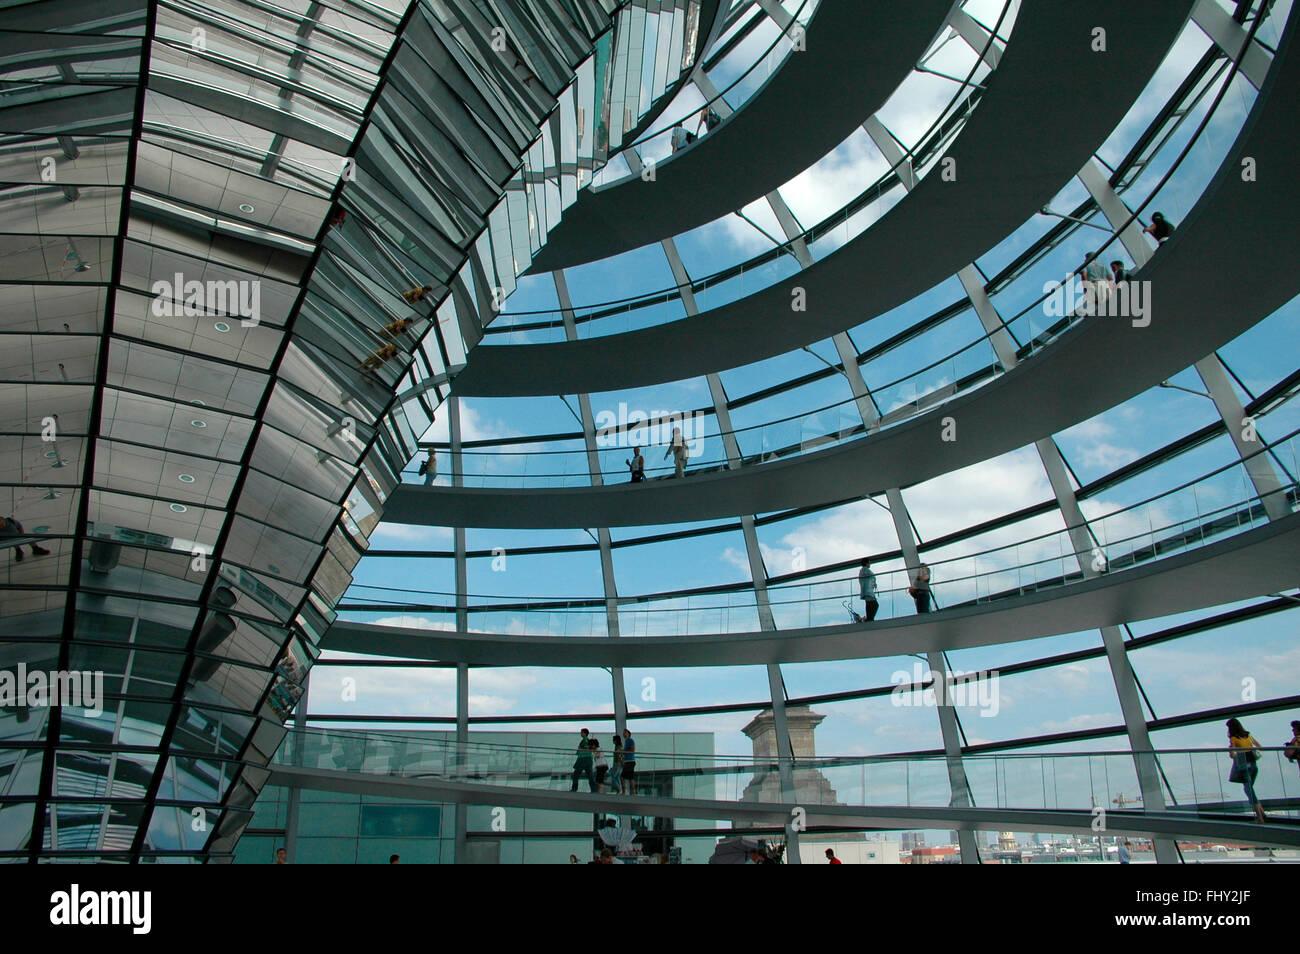 Die Kuppel des Reichstages, Berlín Tiergarten. Foto de stock